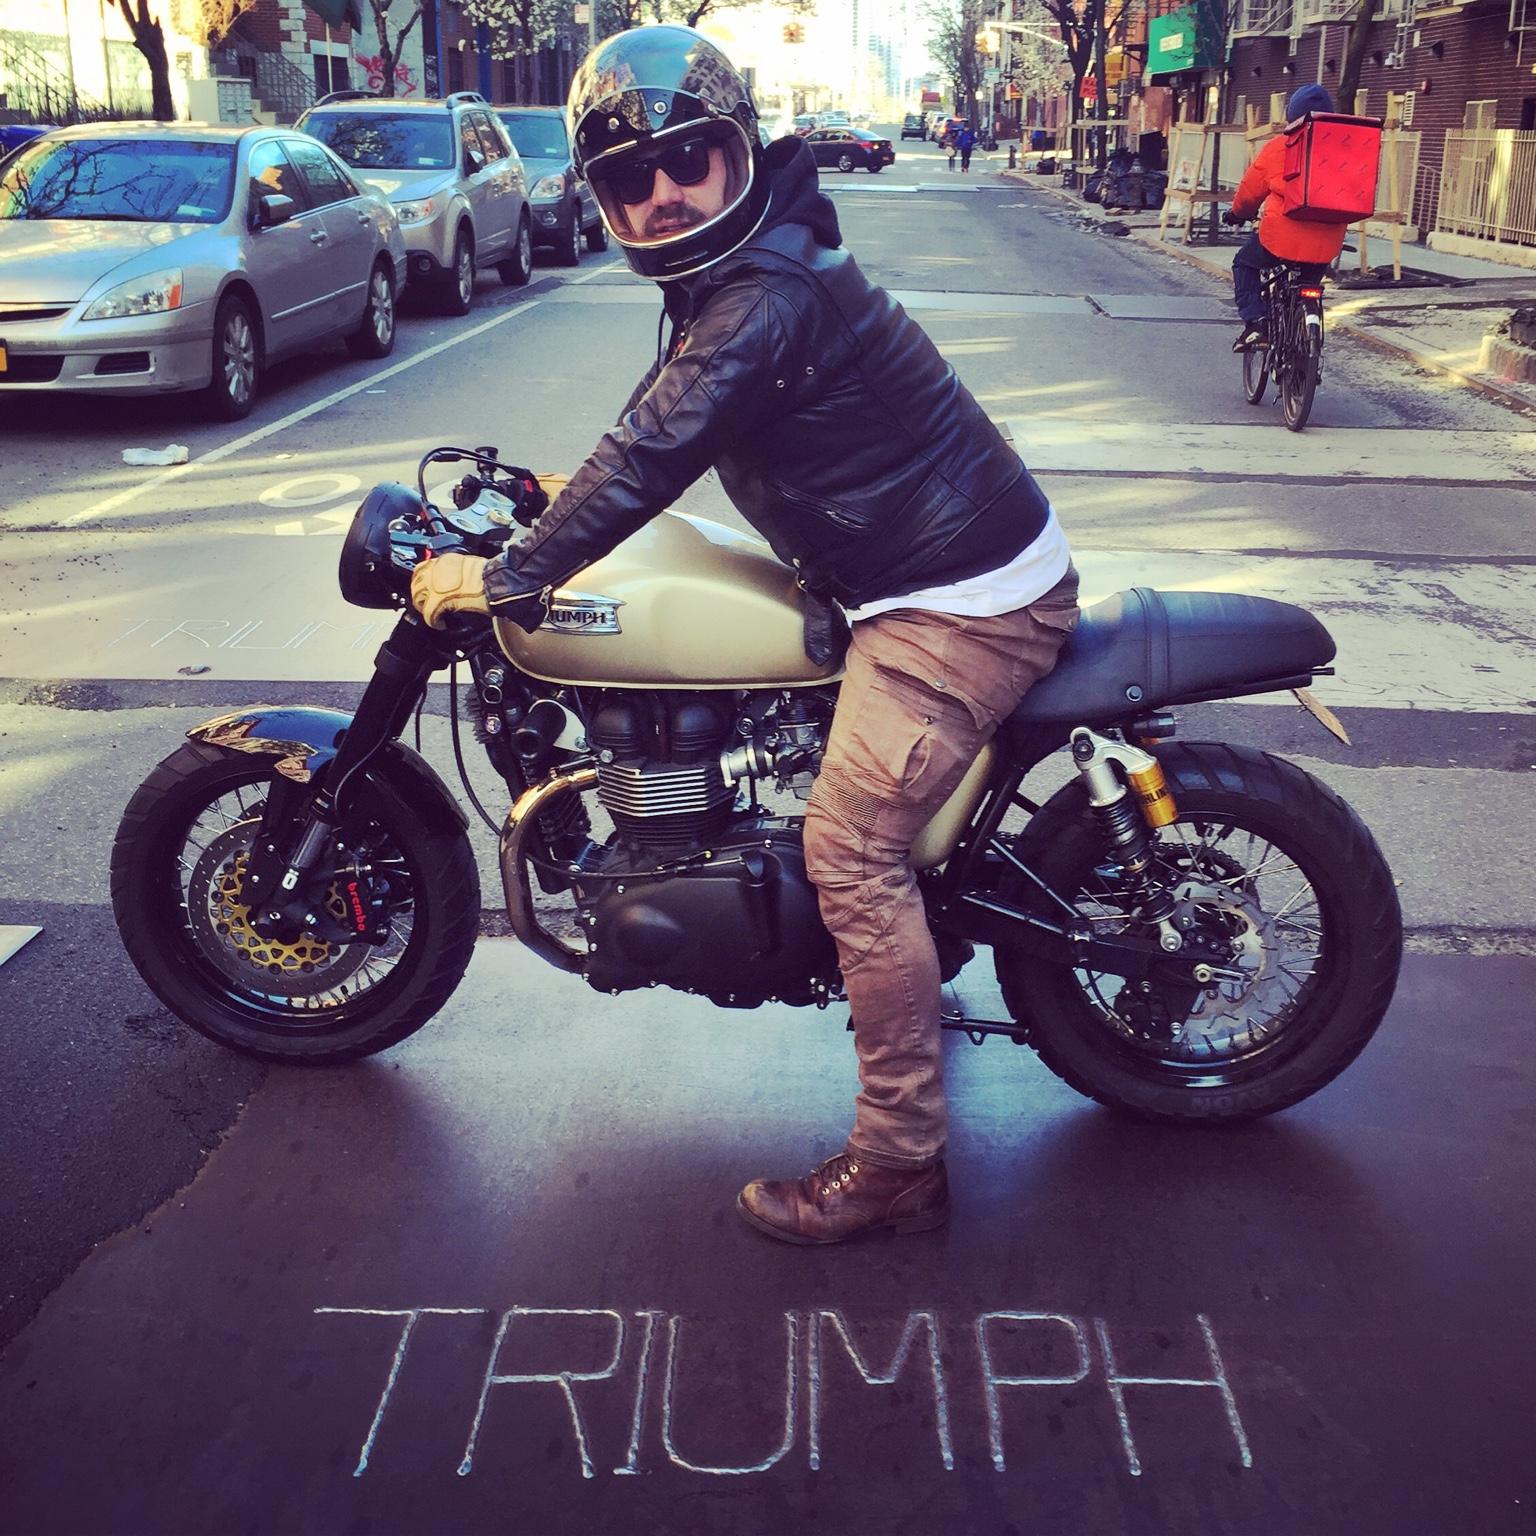 bonneville pics - page 178 - triumph forum: triumph rat motorcycle